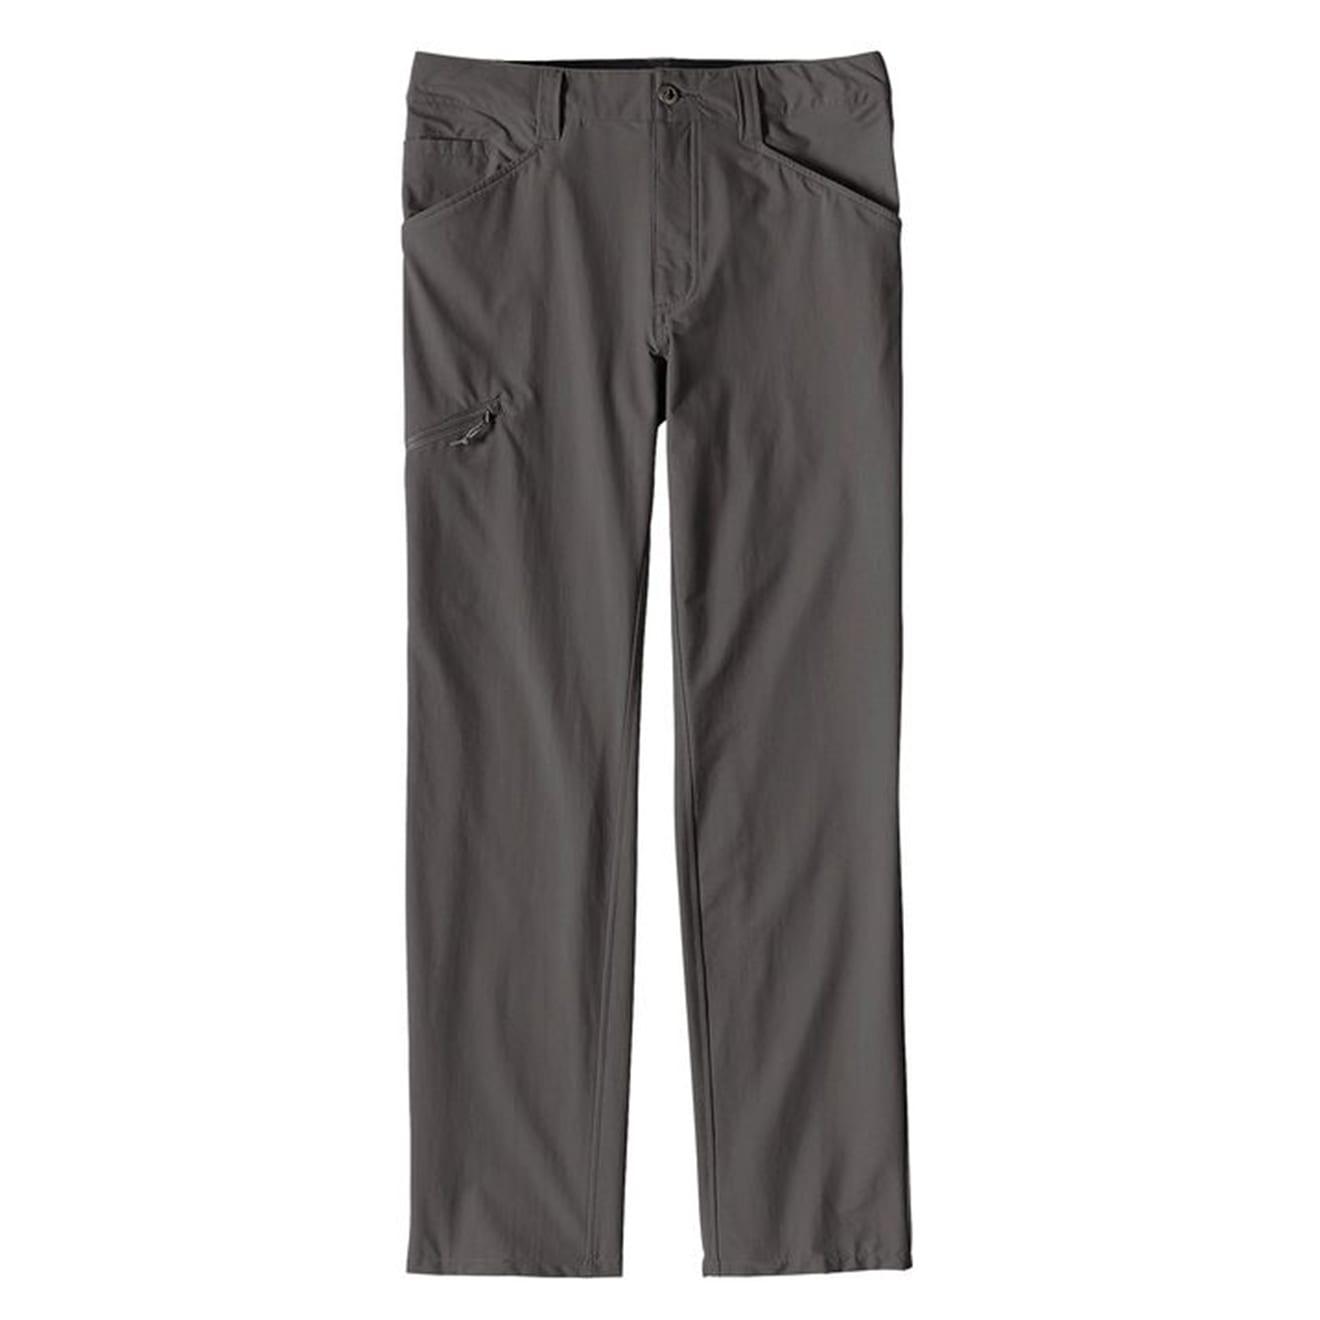 Patagonia Quandary Pants Regular Forge Grey